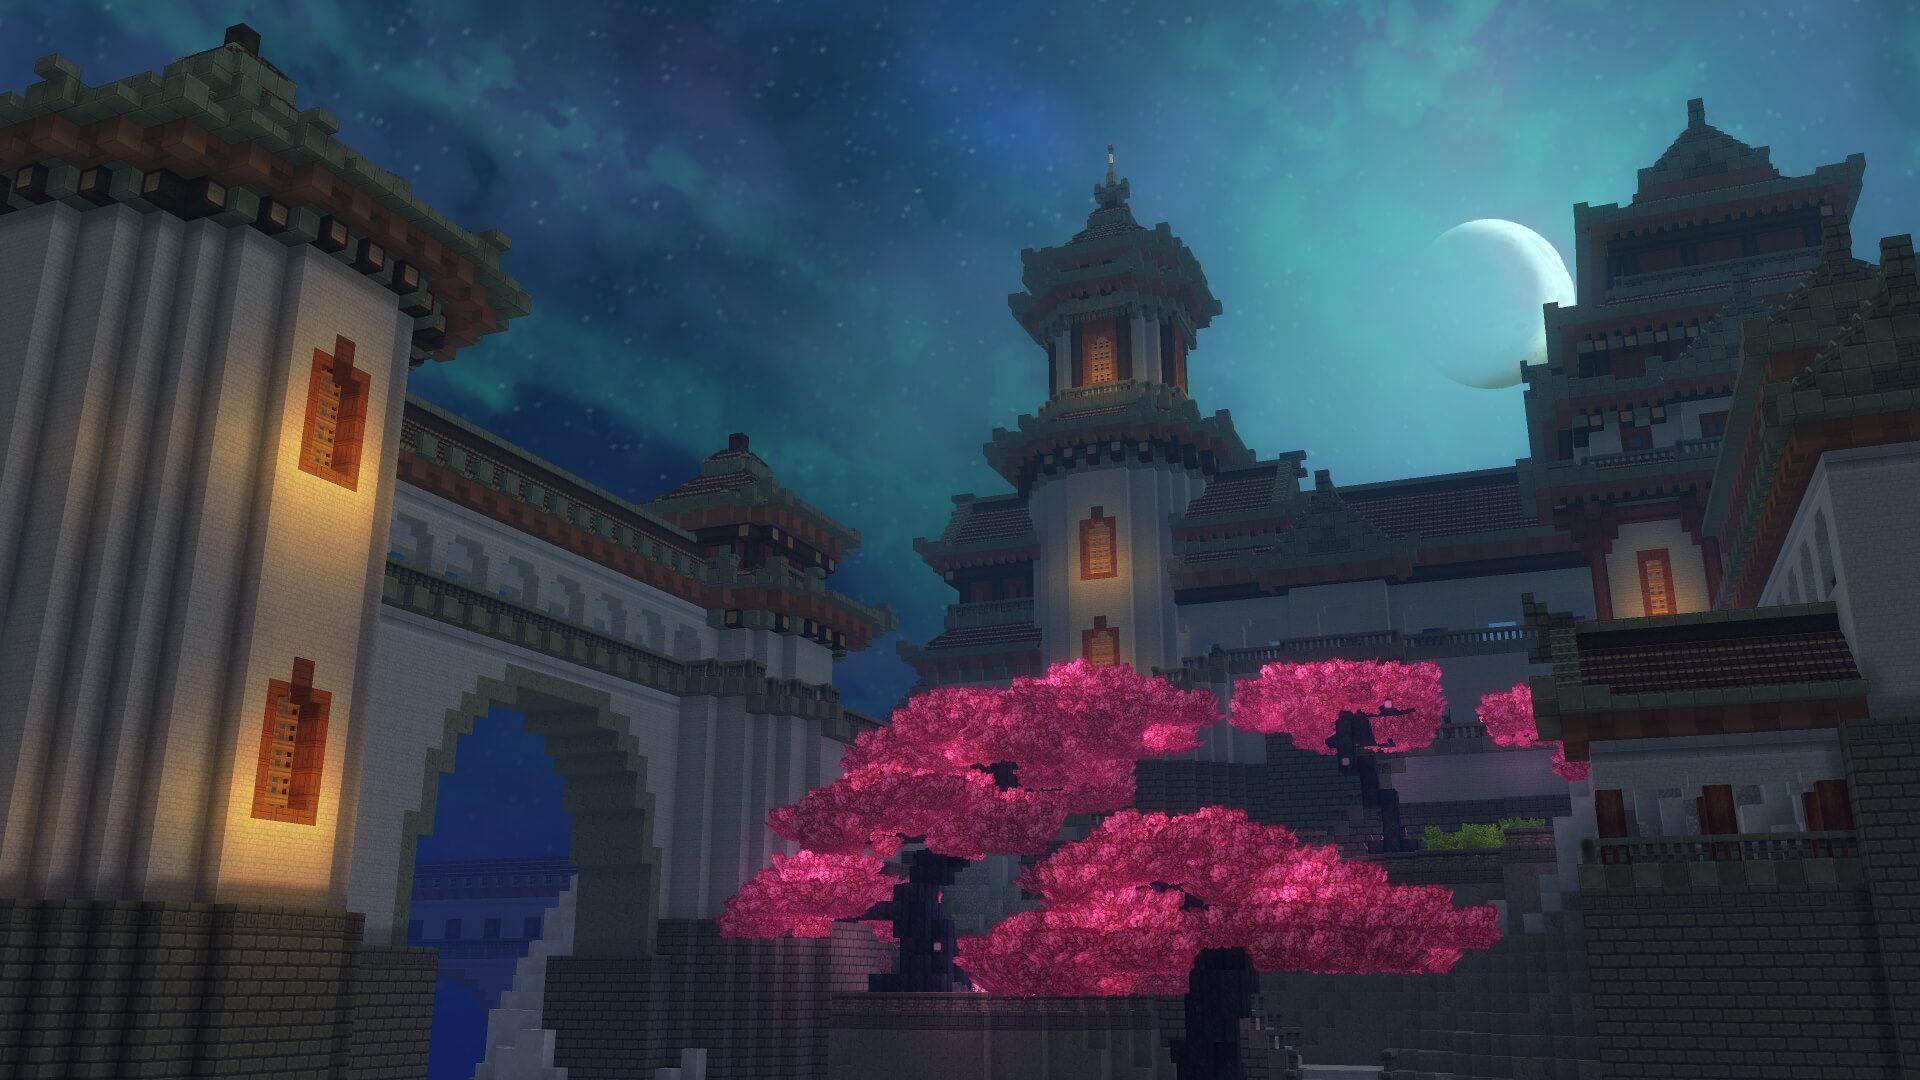 chateau et arbre rose japonais